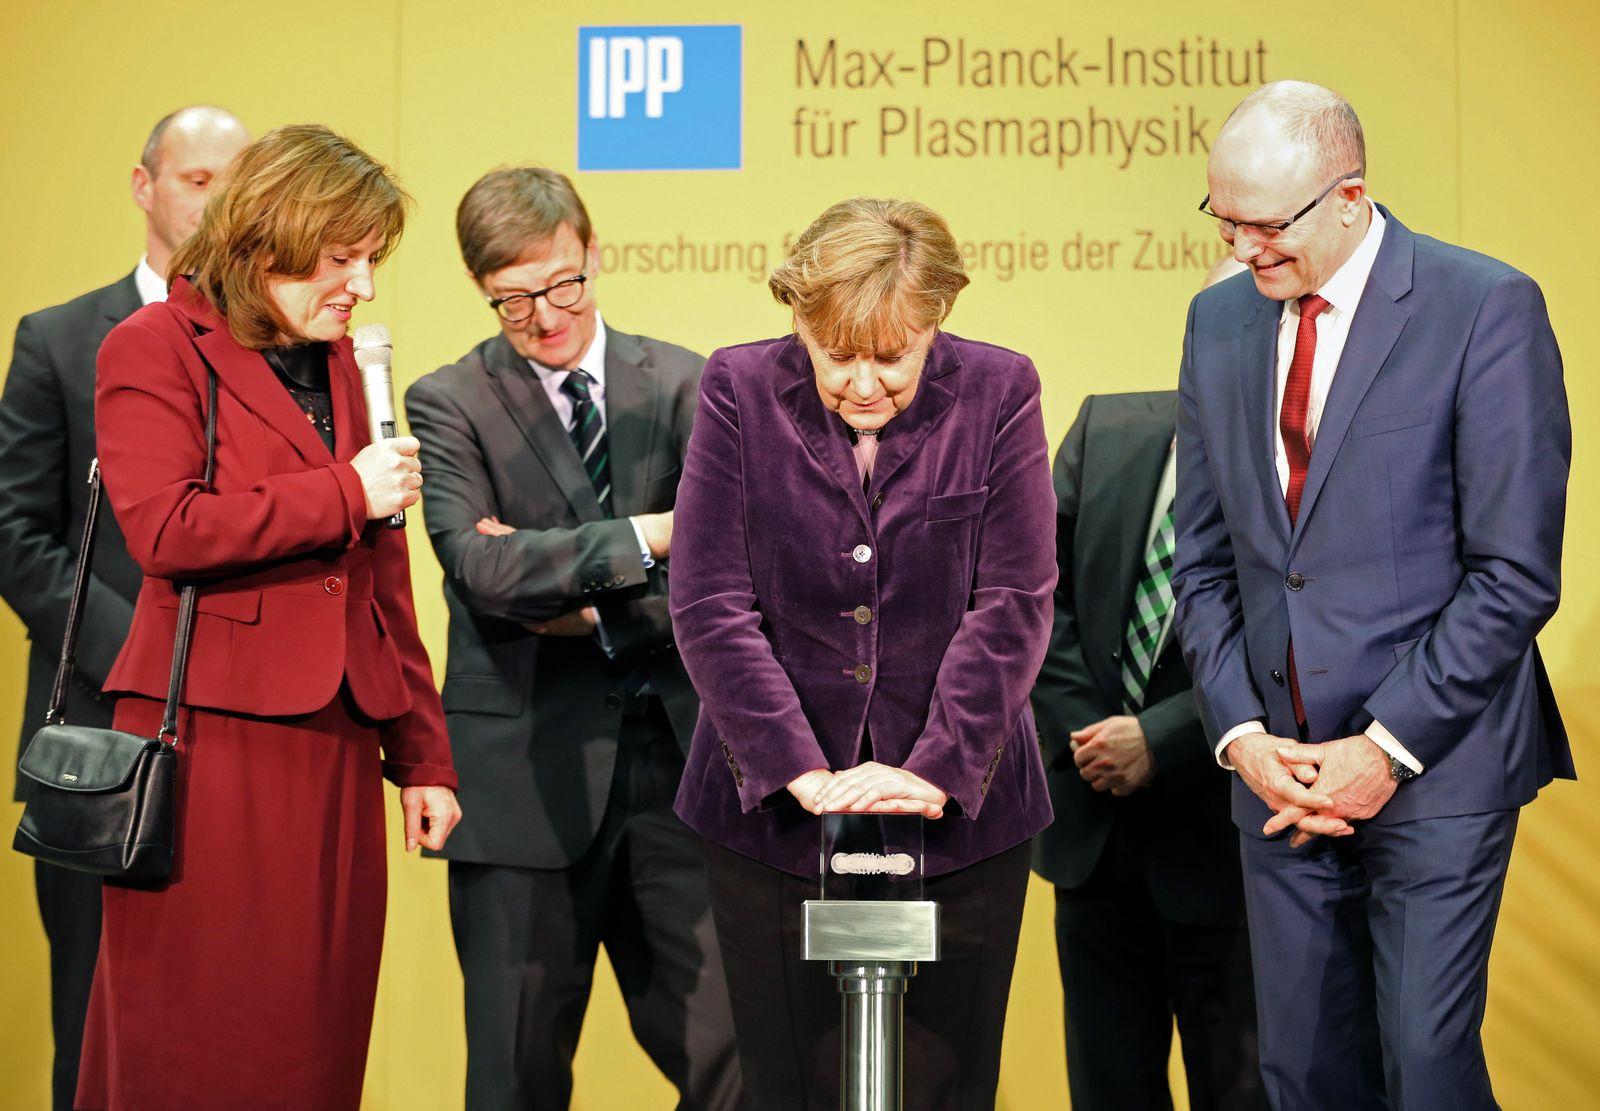 Kernfusion / Wendelstein / Angela Merkel